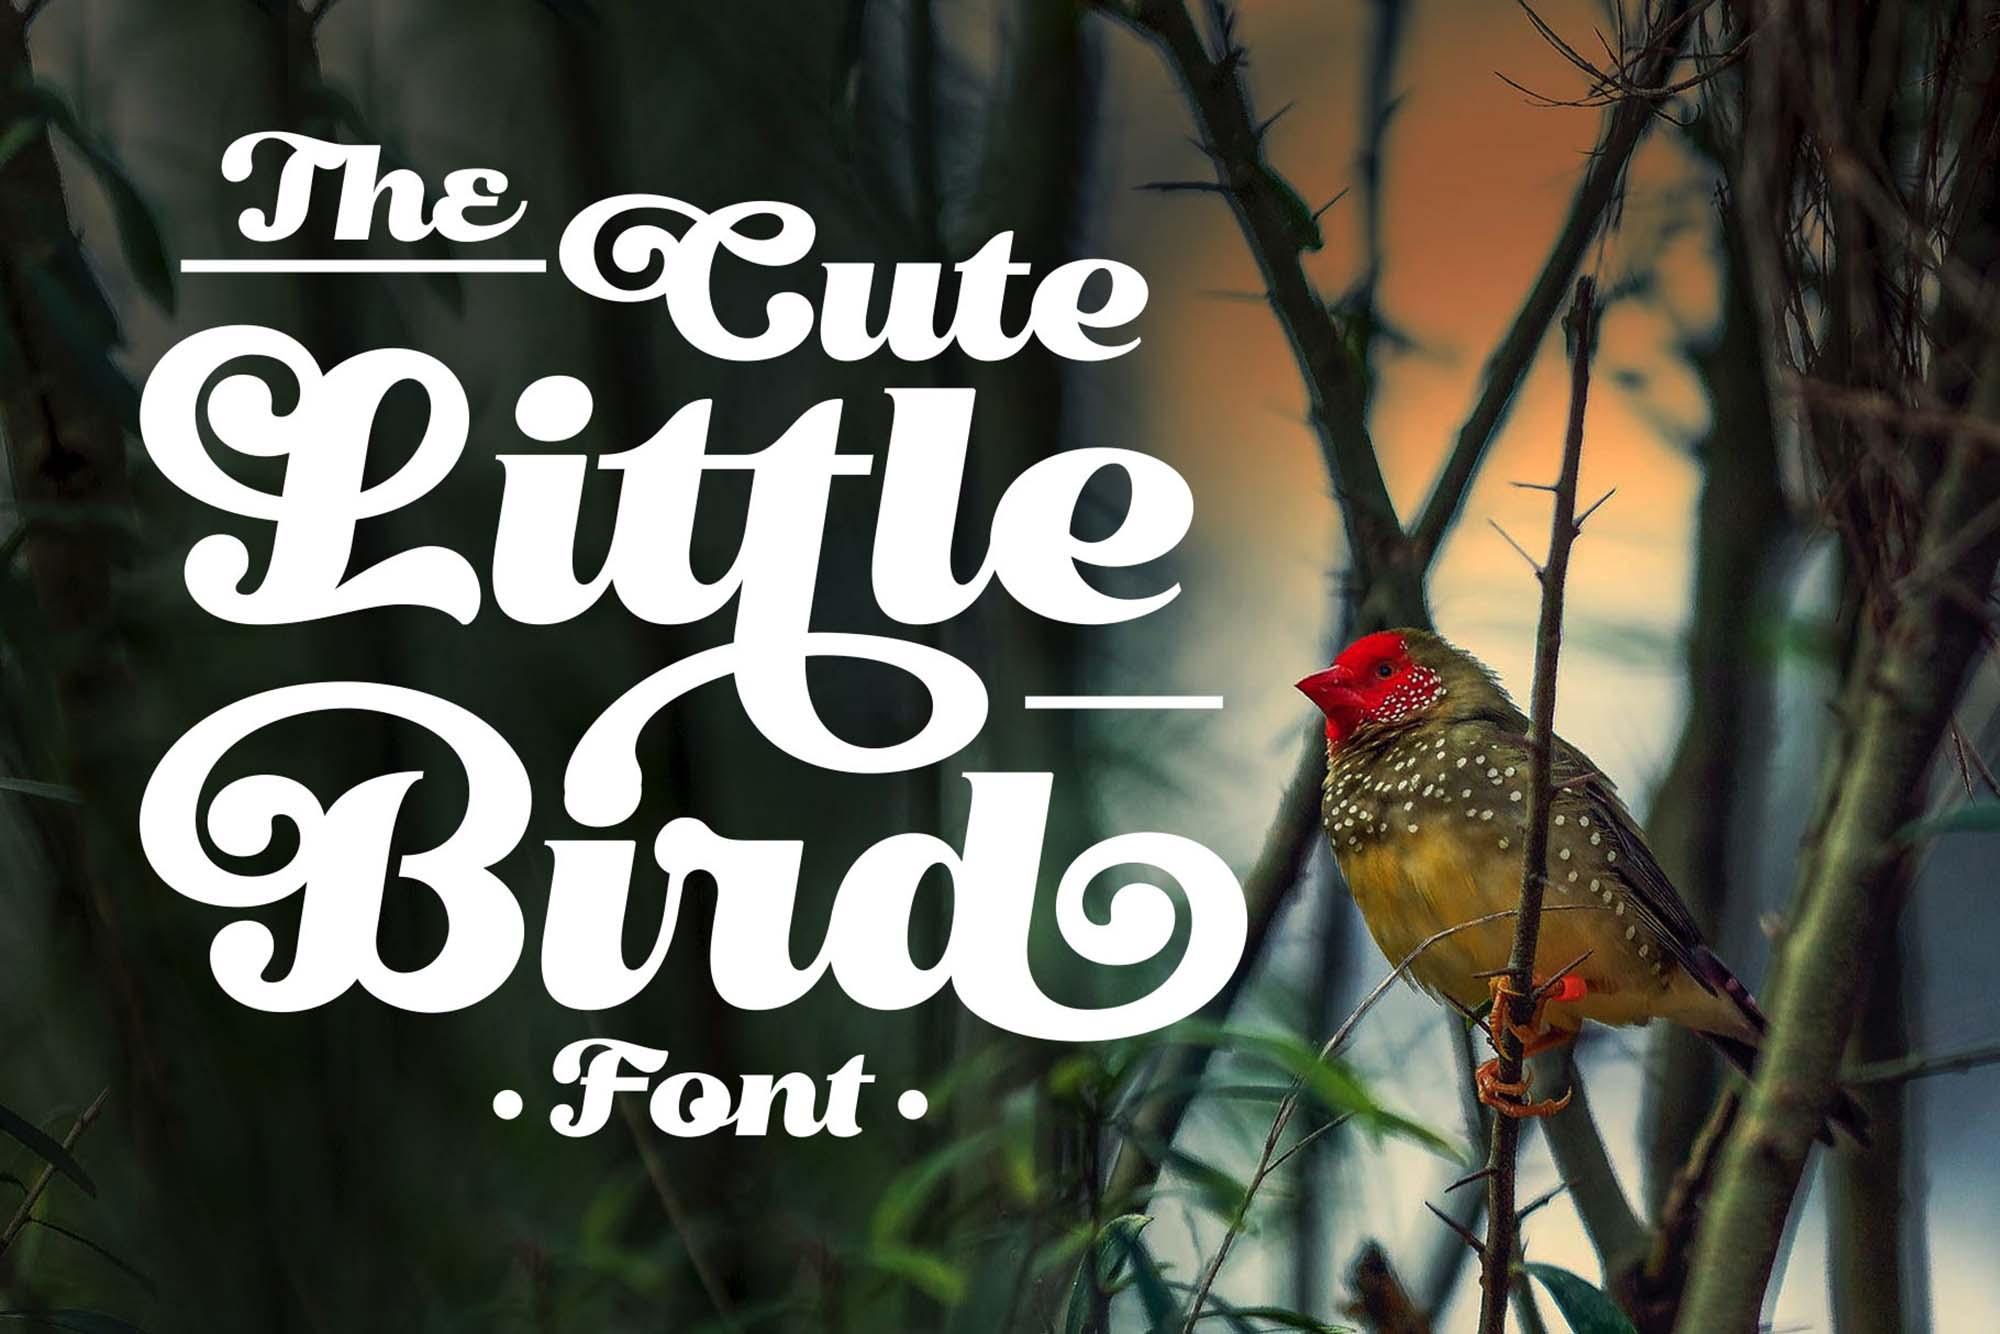 艺术曲线复古风格手写英字下载 Little Bird Script Font插图(10)